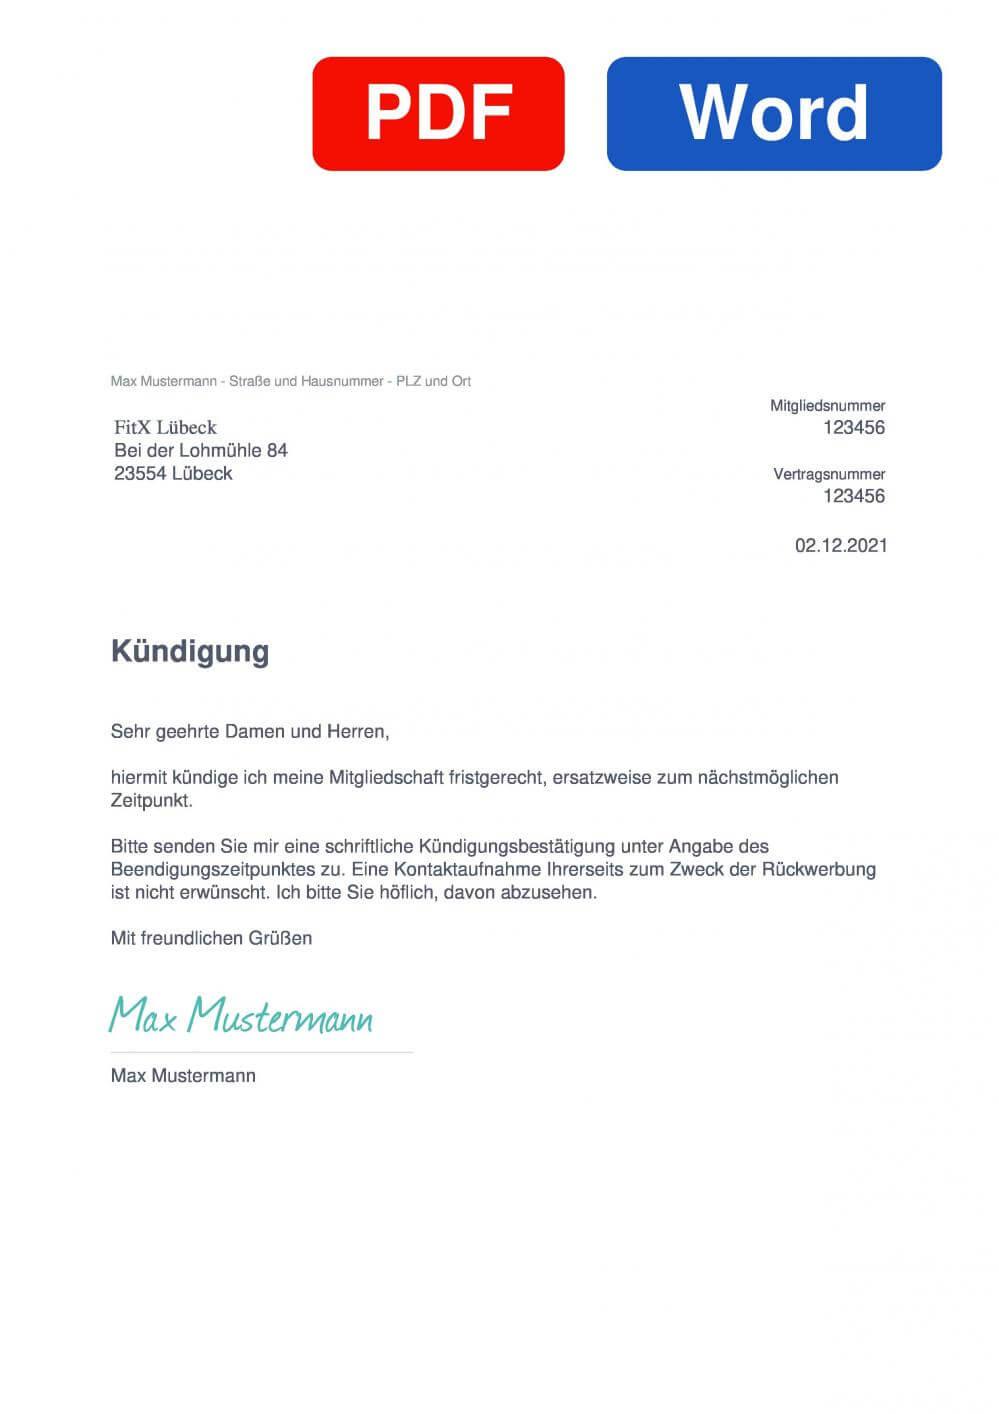 FitX Lübeck Muster Vorlage für Kündigungsschreiben